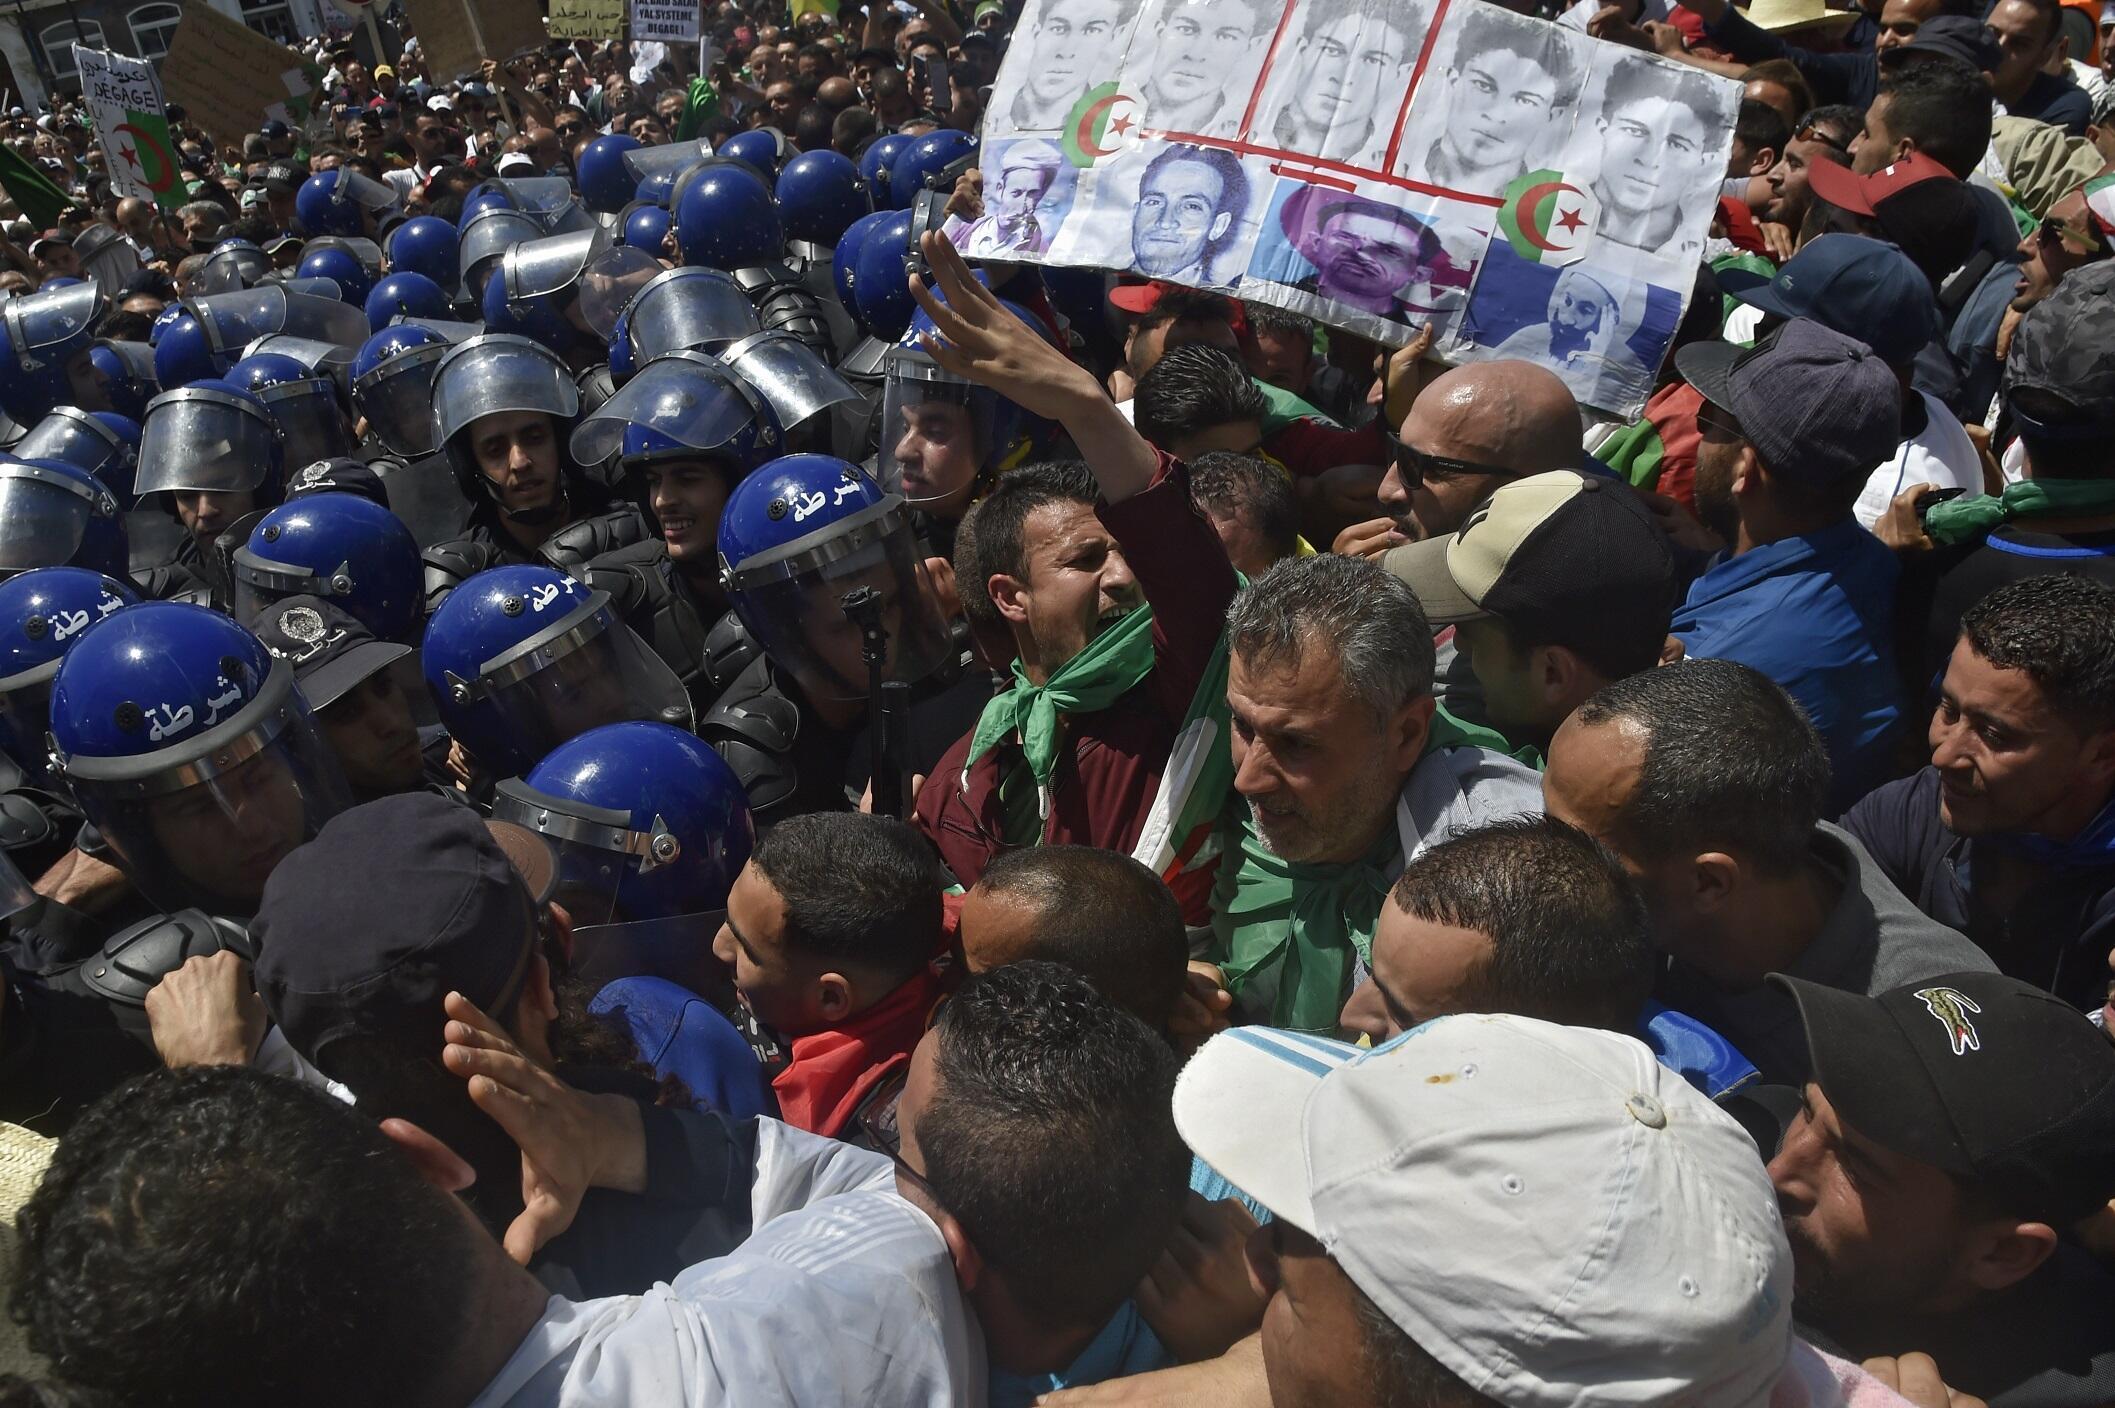 Bousculade entre forces de l'ordre et manifestants à Alger, Algérie, le 17 mai 2019.